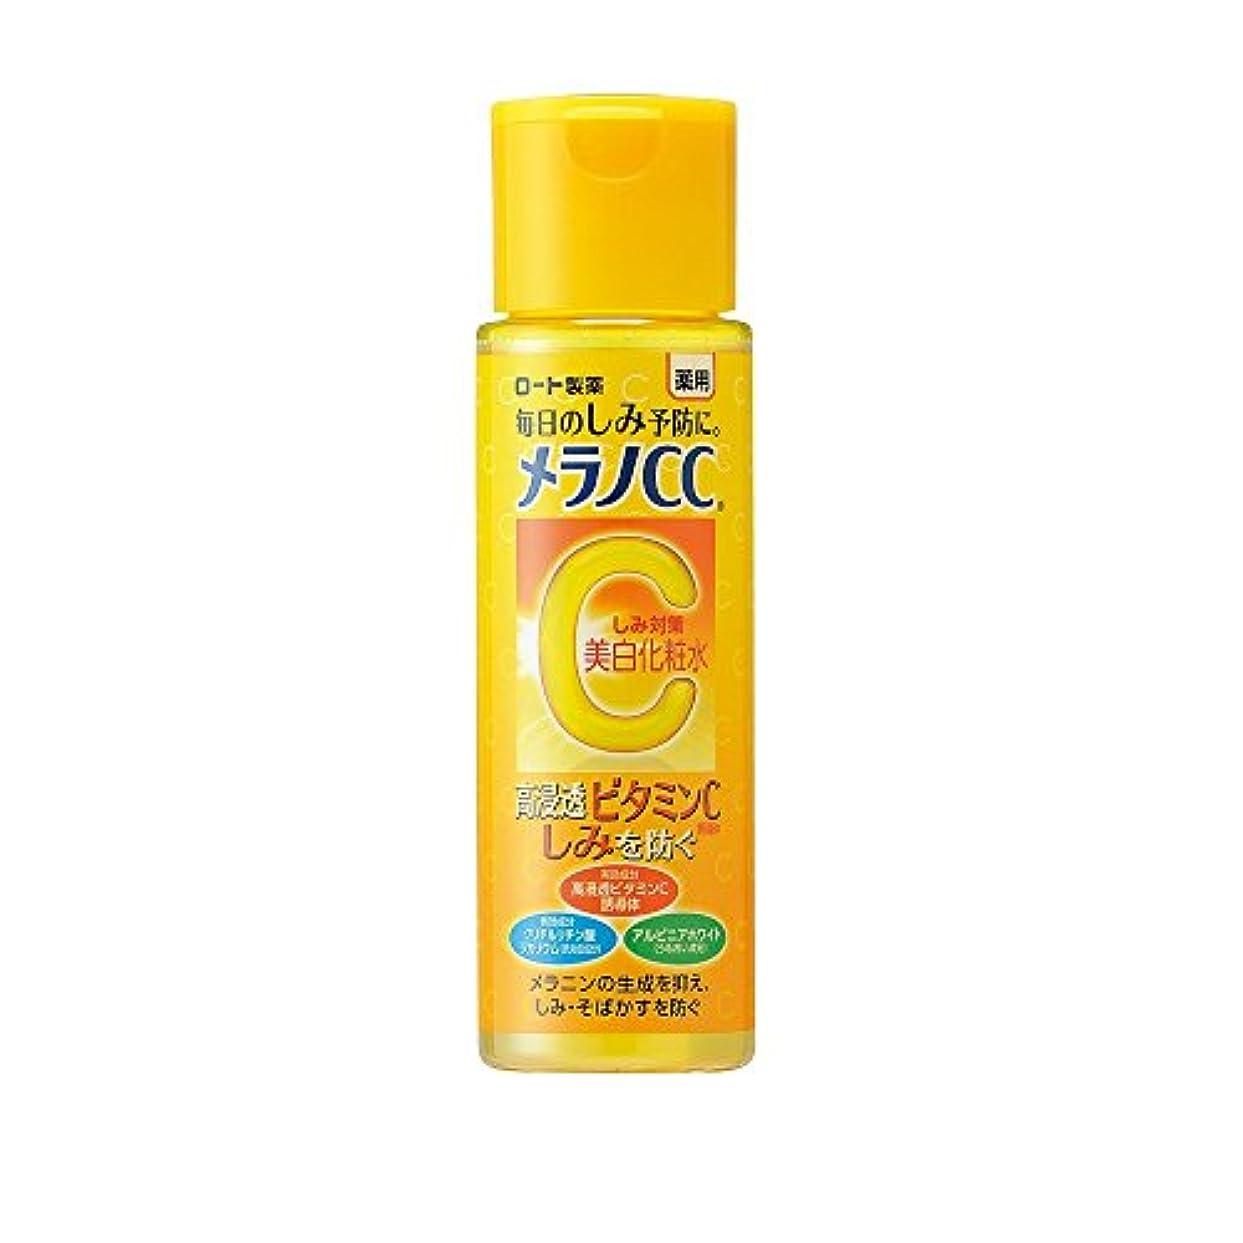 【医薬部外品】メラノCC 薬用しみ?そばかす対策 美白 化粧水 170mL